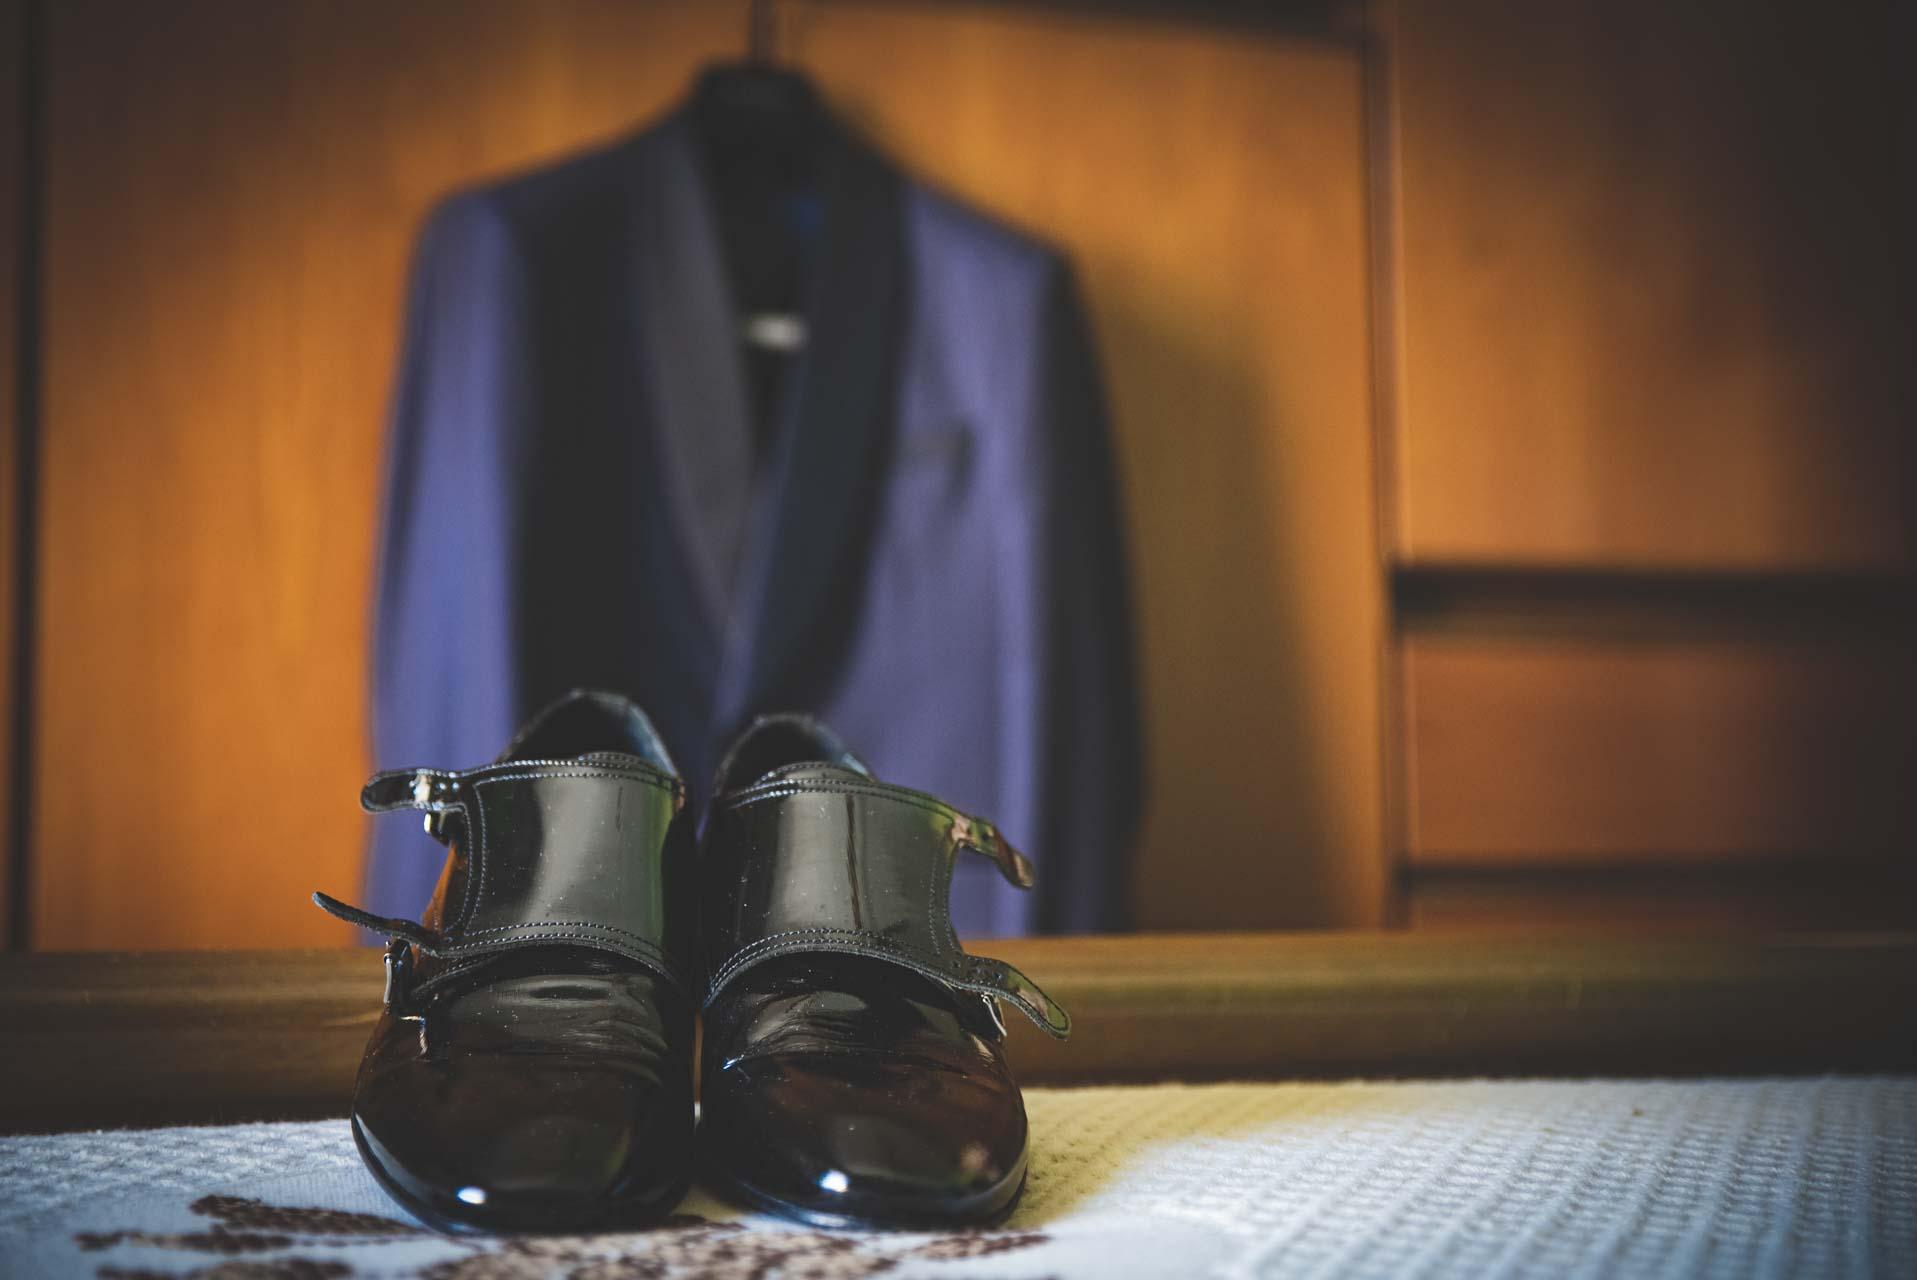 scarpe nere giacca blu armadio